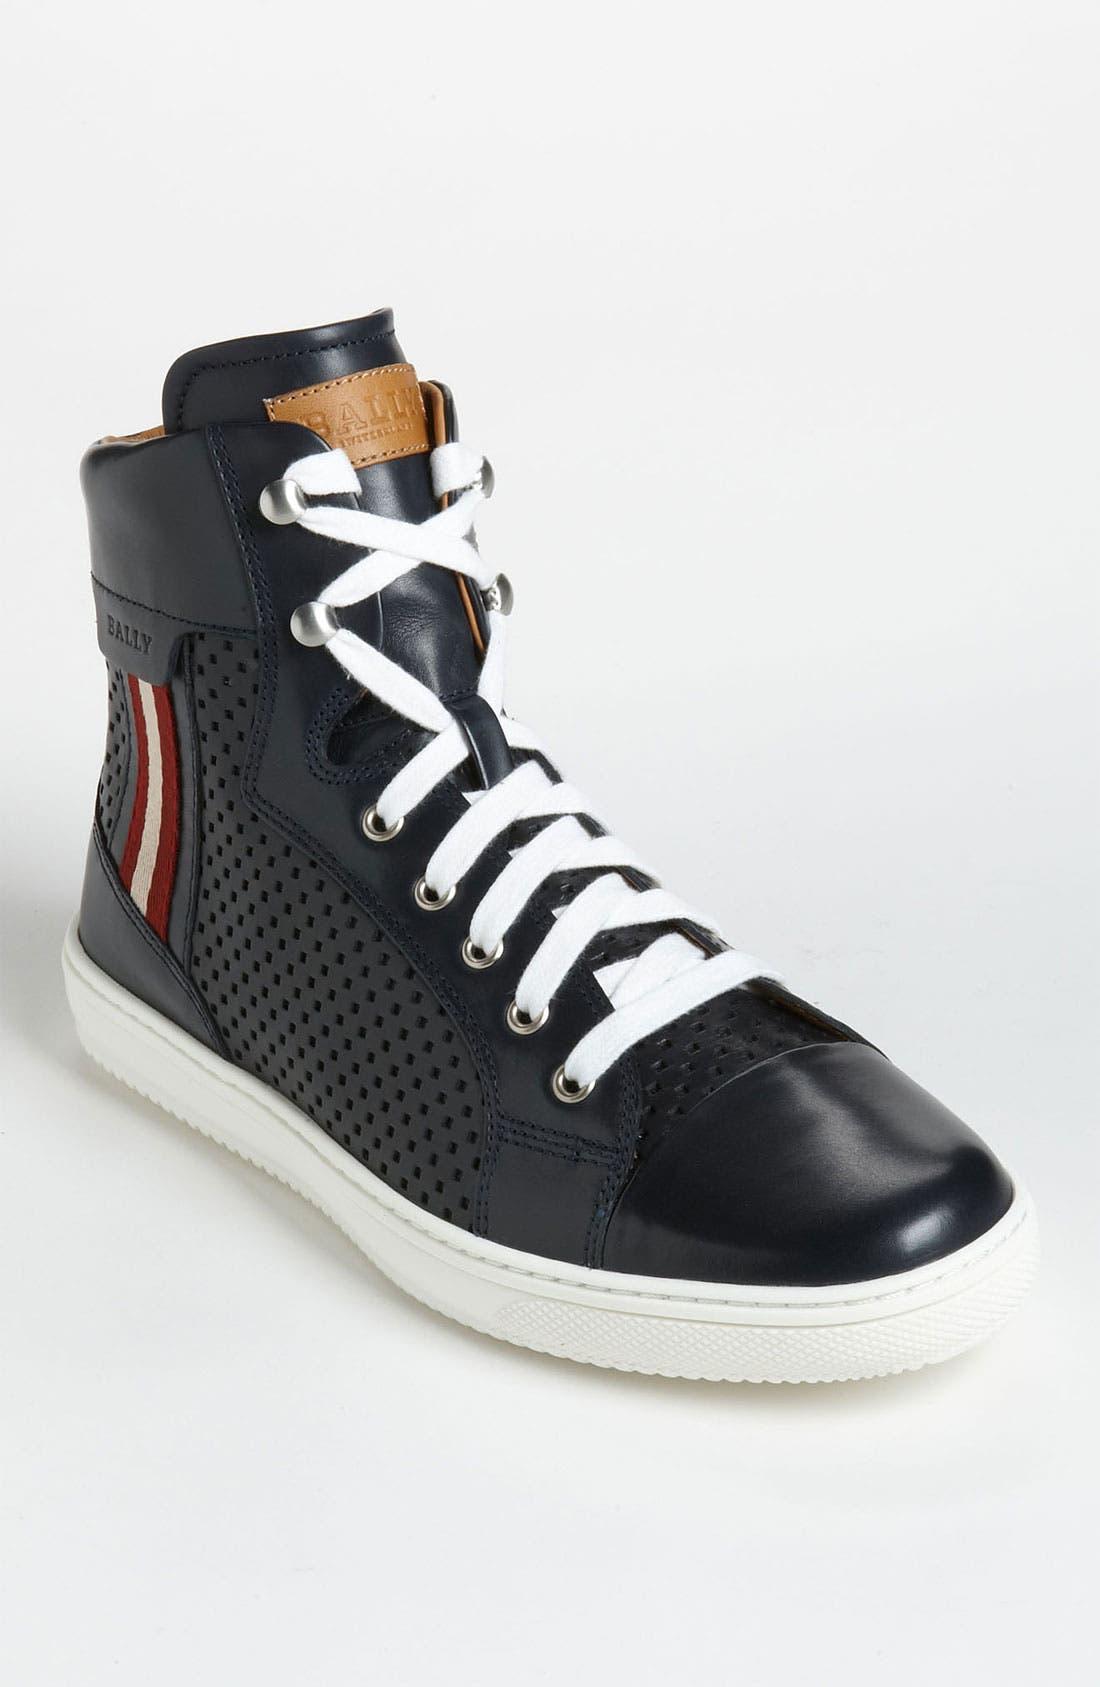 Main Image - Bally 'Olir' Sneaker